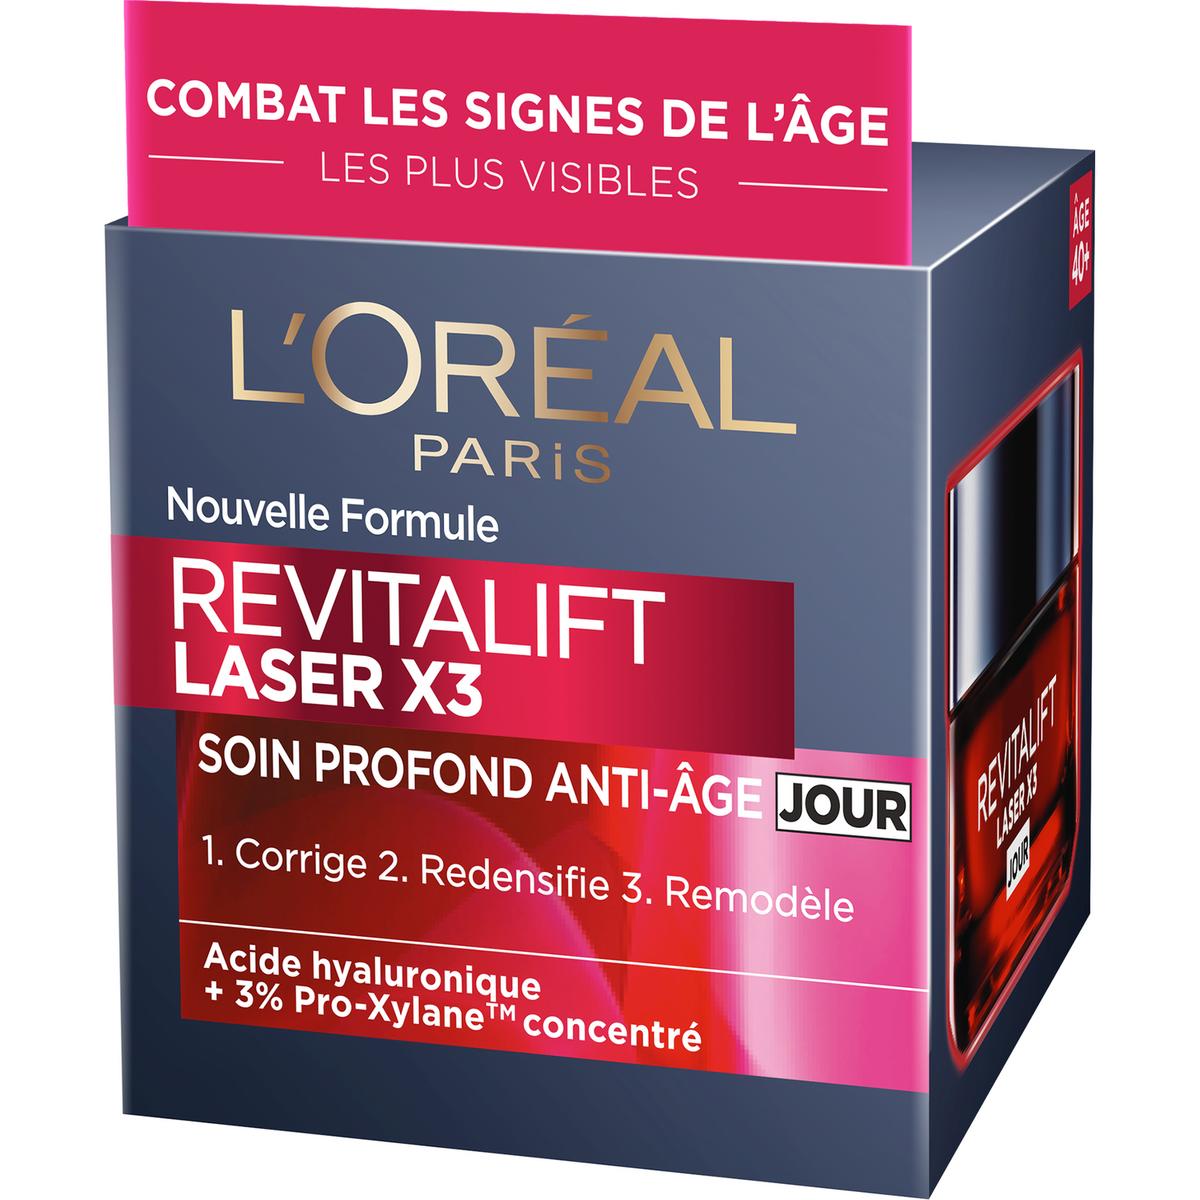 L'Oréal Revitalift soin de jour profond anti-âge 50ml